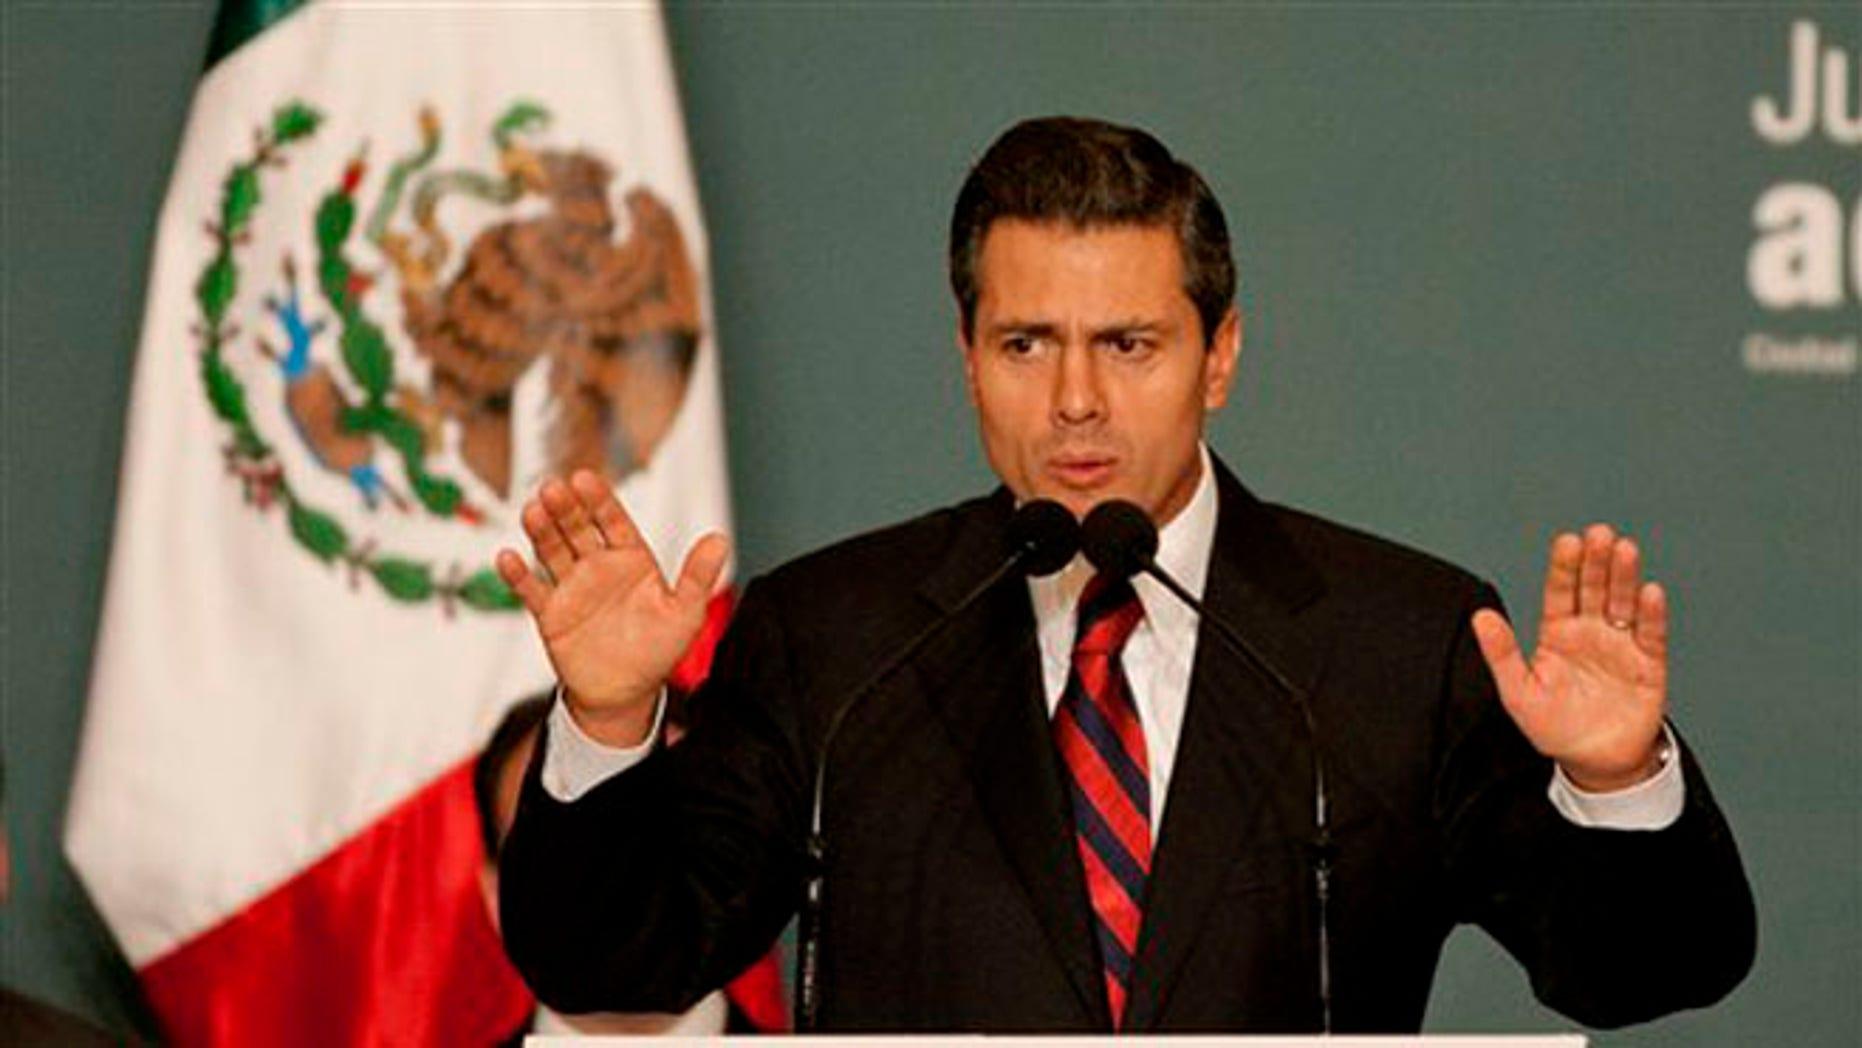 El presidente electo de México, Enrique Peña Nieto, anuncia una iniciativa para dar más transparencia al gasto del gobierno, en la ciudad de México, el lunes 10 de septiembre de 2012. Peña Nieto asume el cargo el próximo 1 de diciembre.